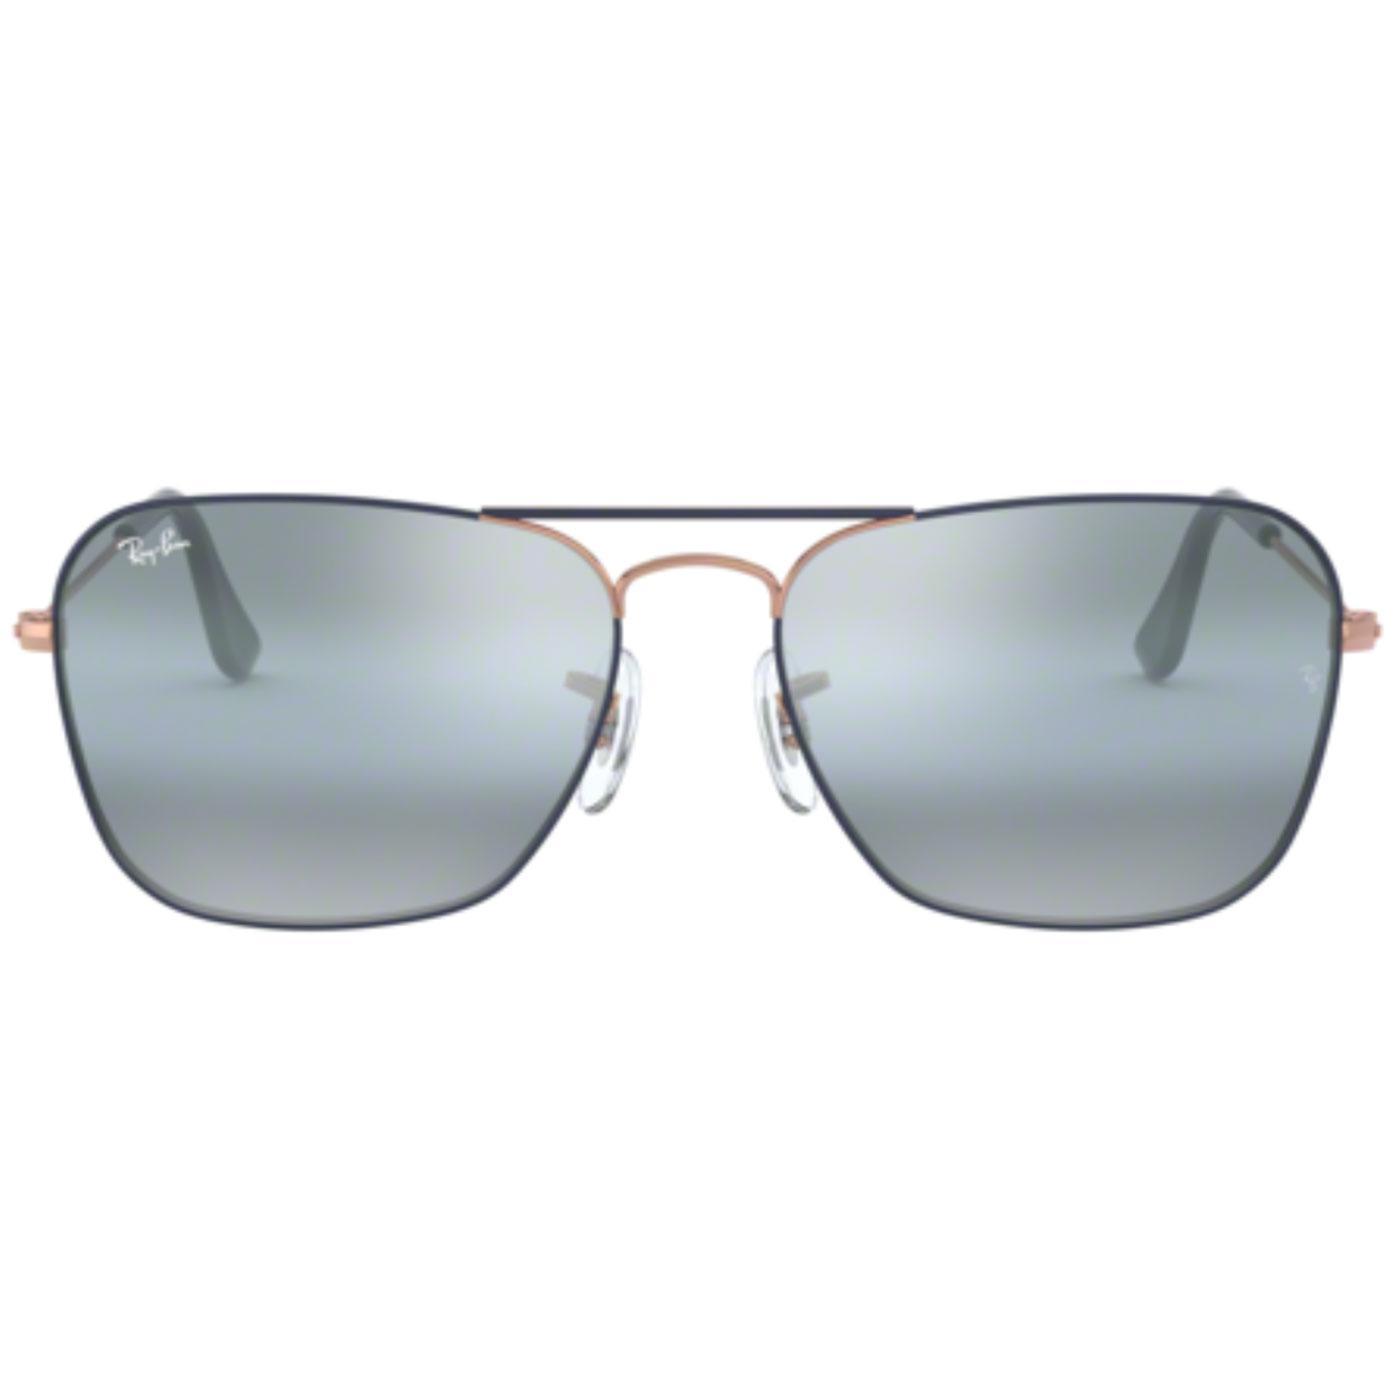 Caravan RAY-BAN Retro 50s Mod Sunglasses in Copper